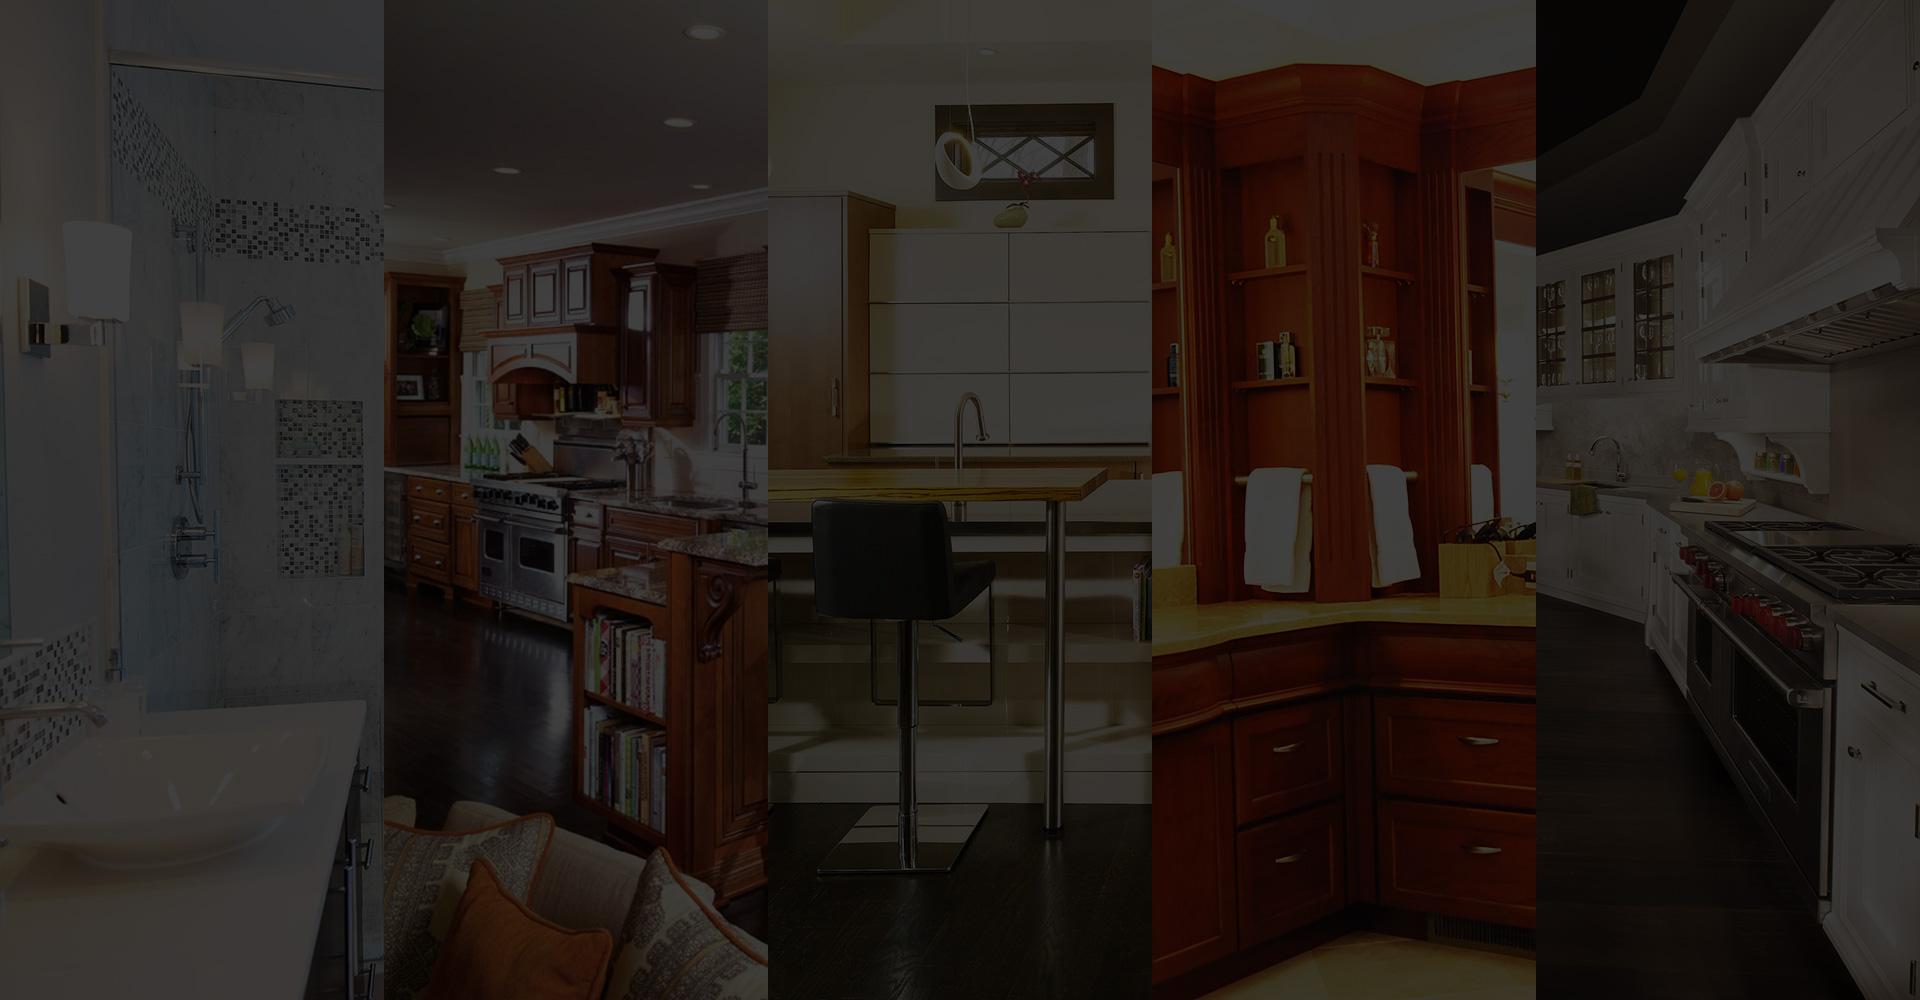 Csi Kitchen Bath Studio